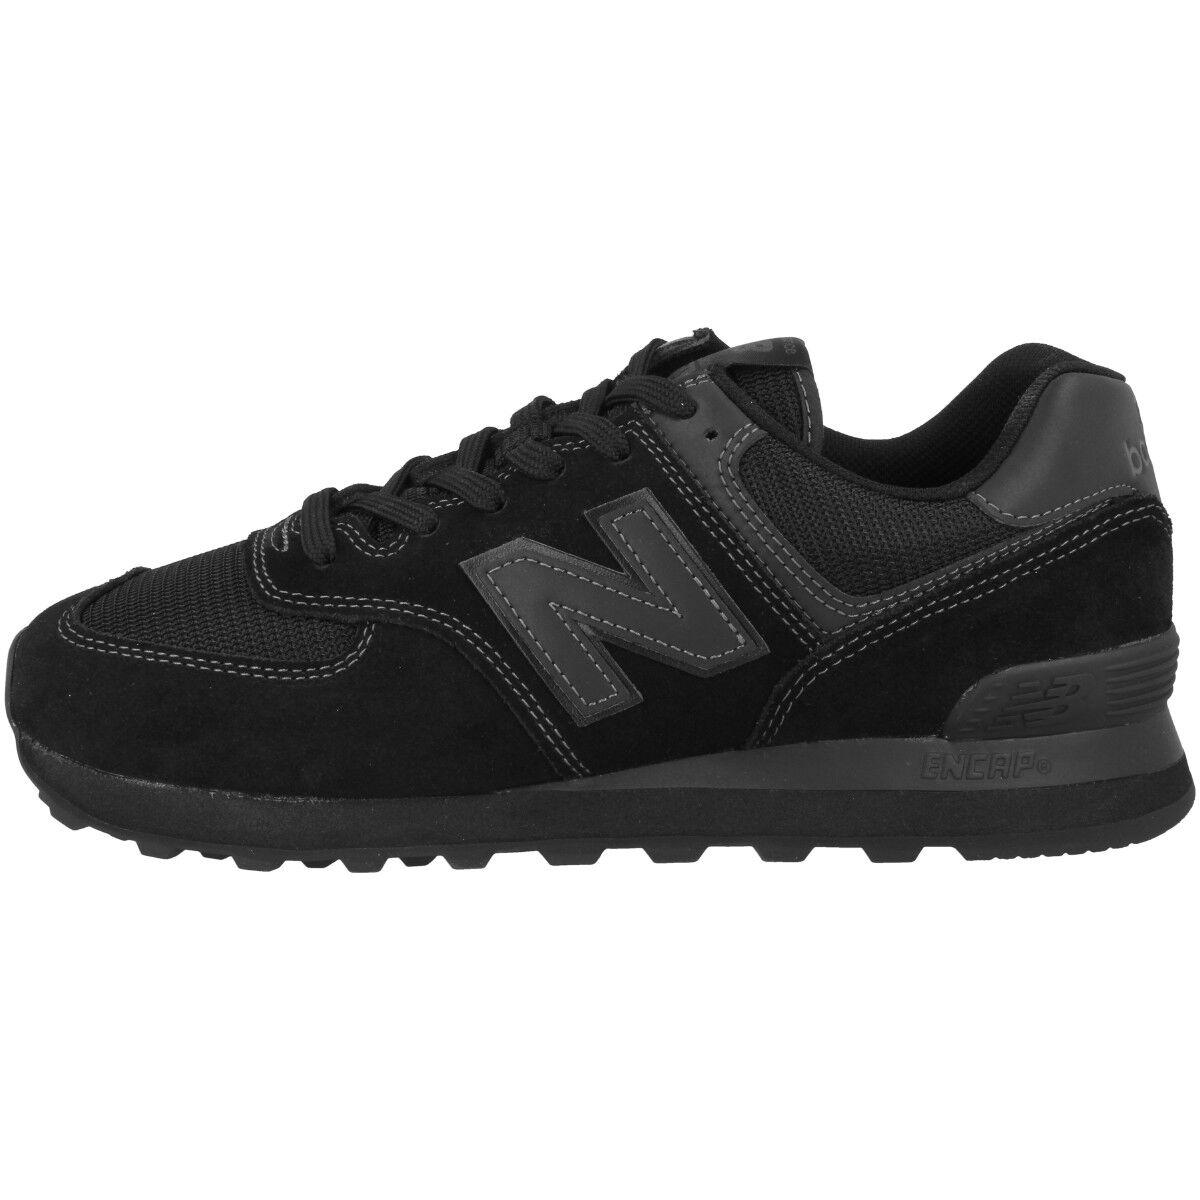 New Balance ML 574 ETE Schuhe Freizeit Sport Retro Turnschuhe schwarzout ML574ETE    | Die Königin Der Qualität